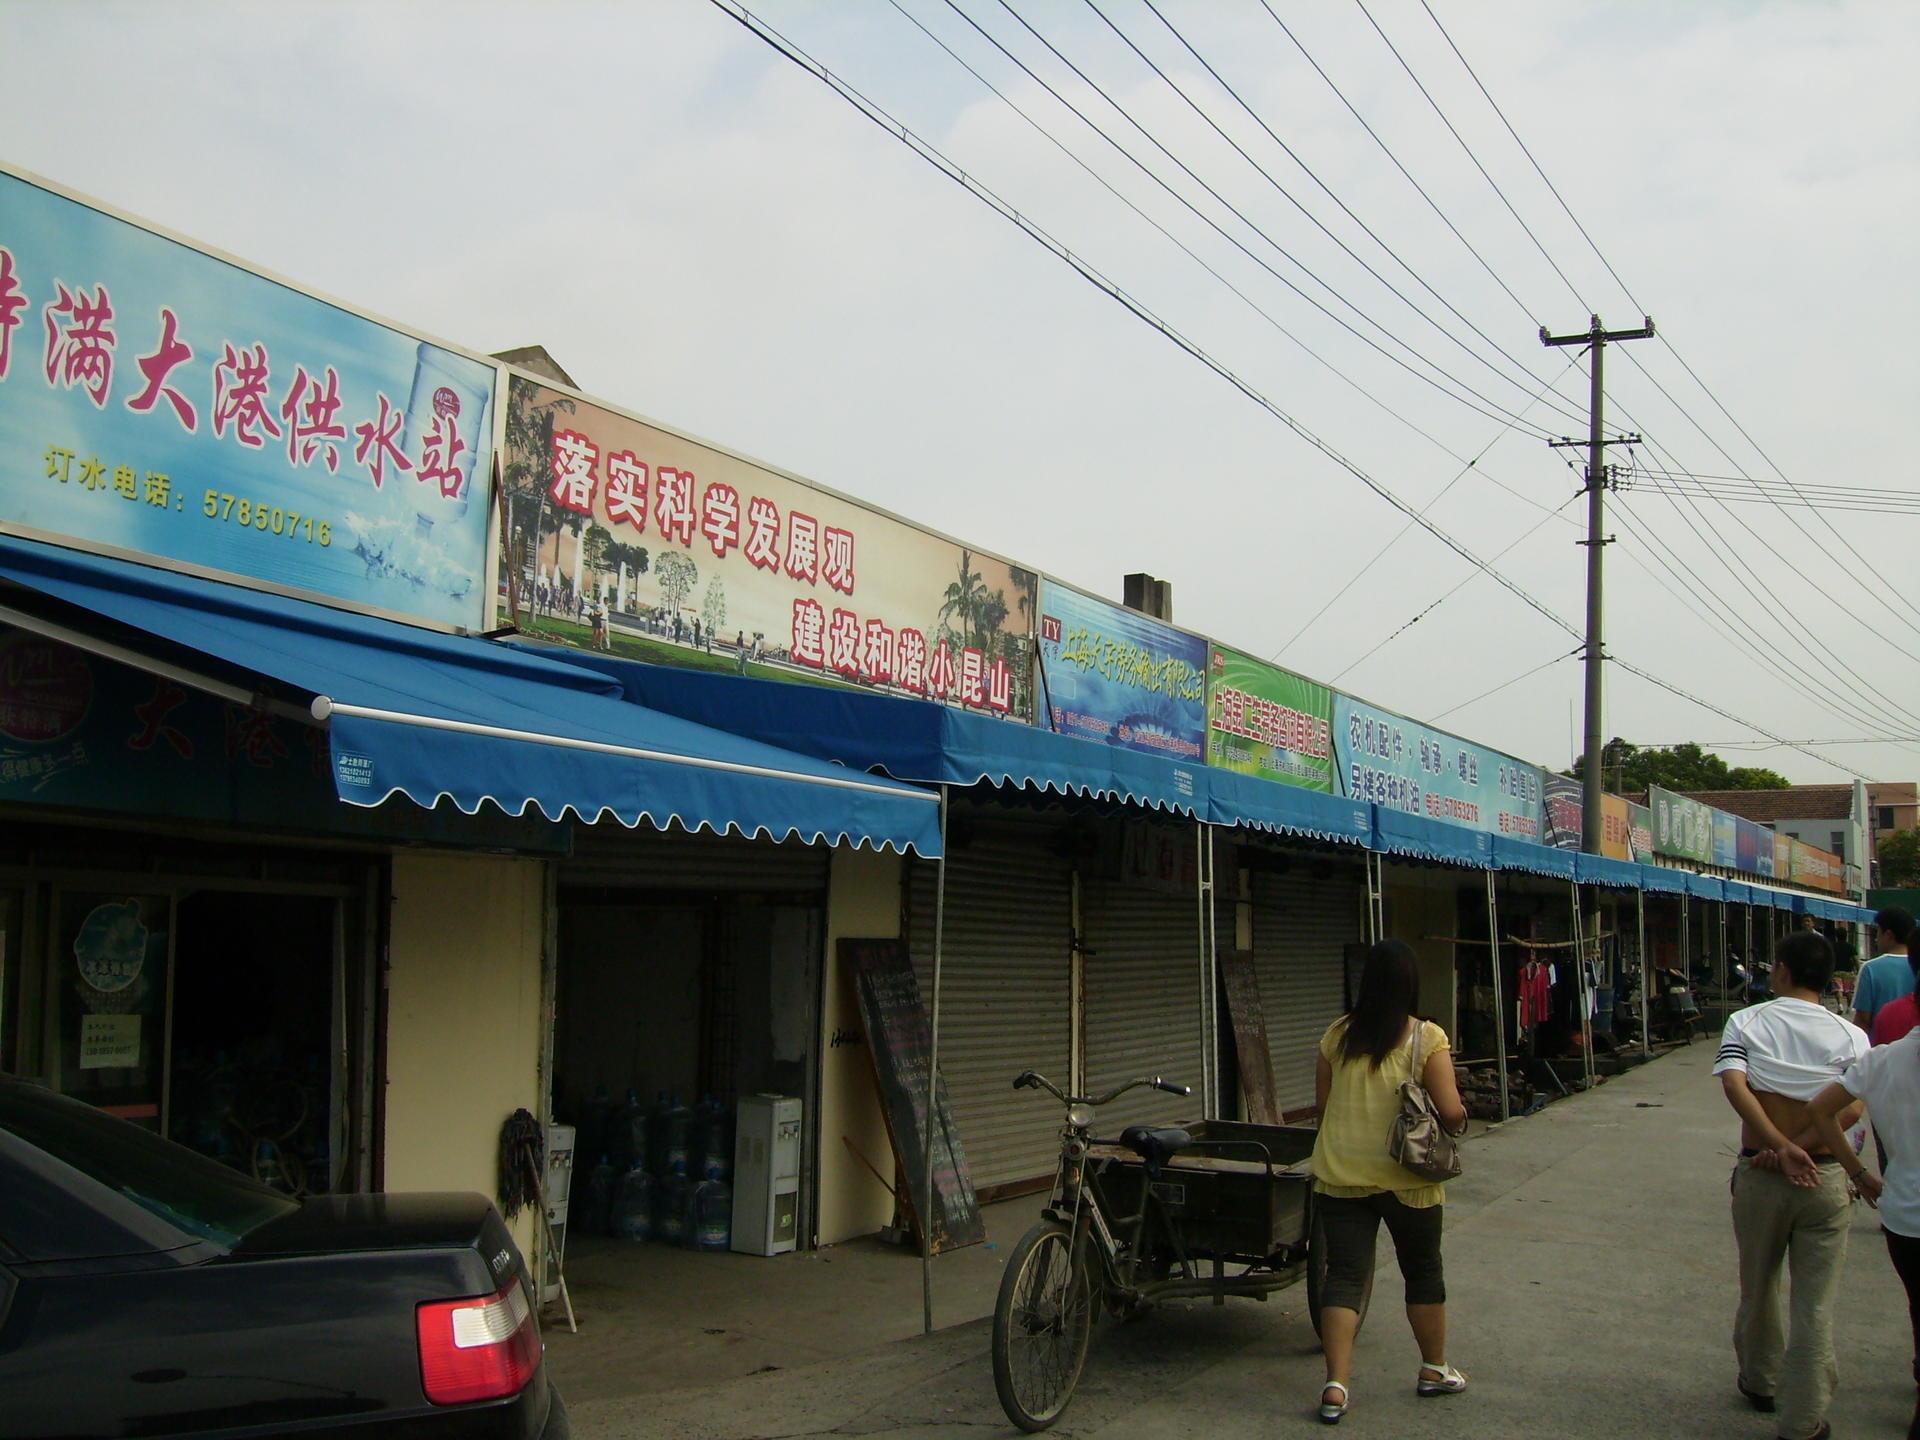 大港固定雨篷1 (1) - 副本.JPG